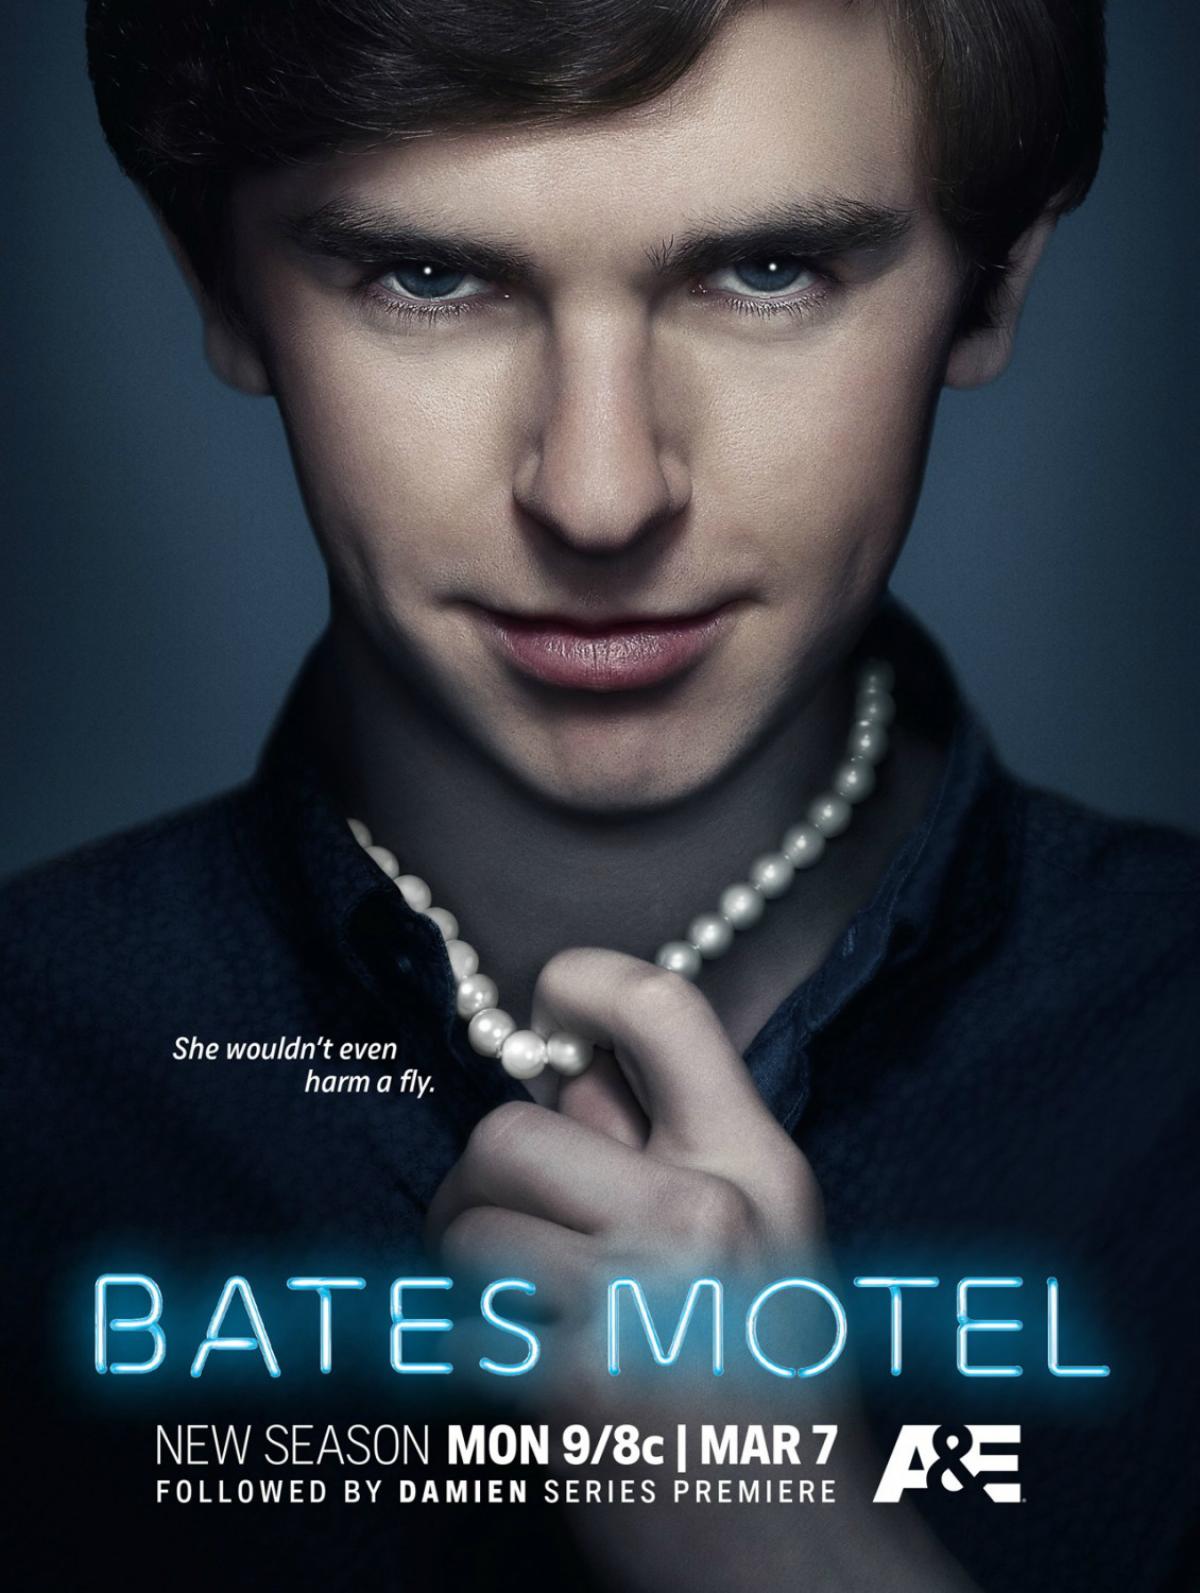 Affiche de la série Bates Motel